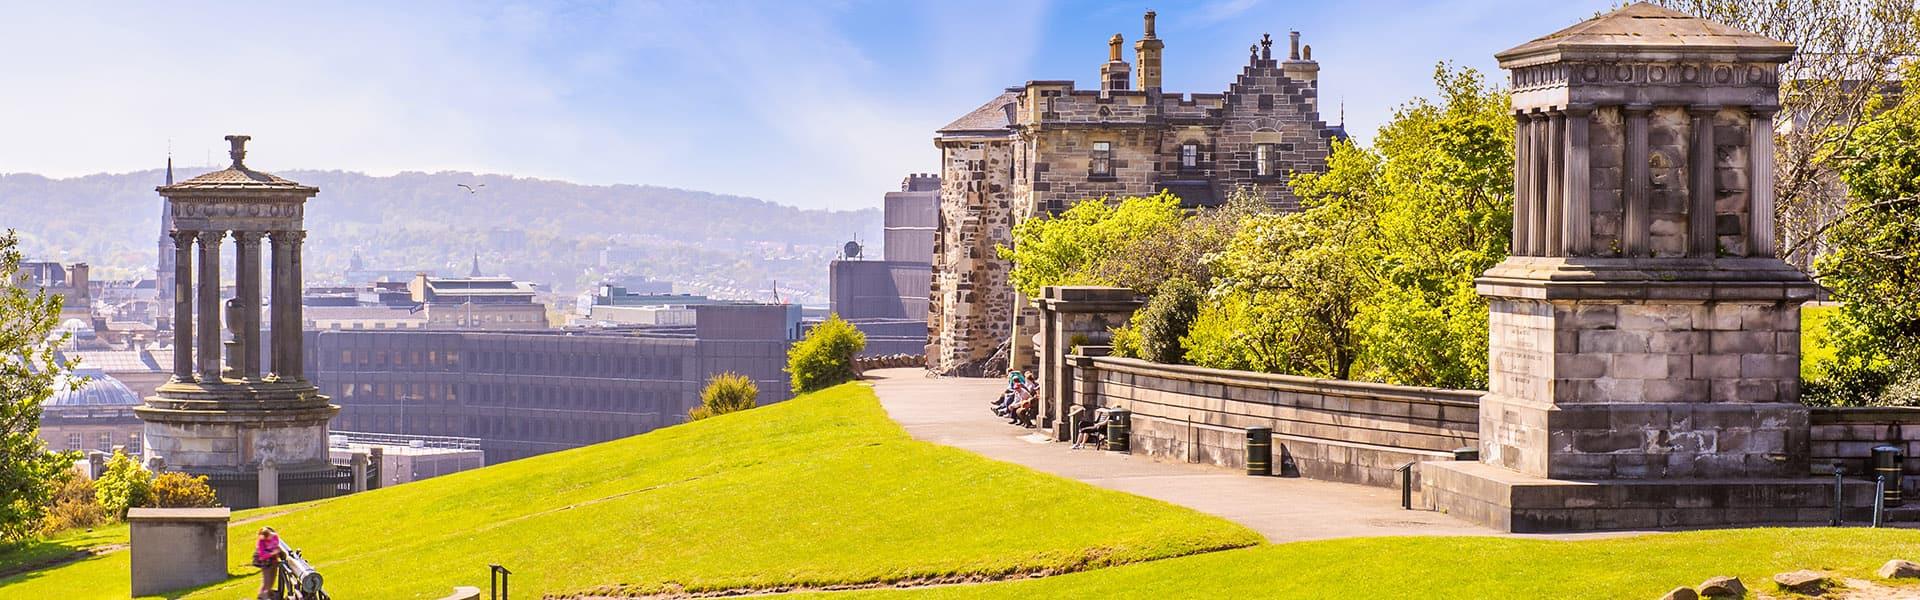 Isole Britanniche: Inghilterra, Irlanda e Scozia